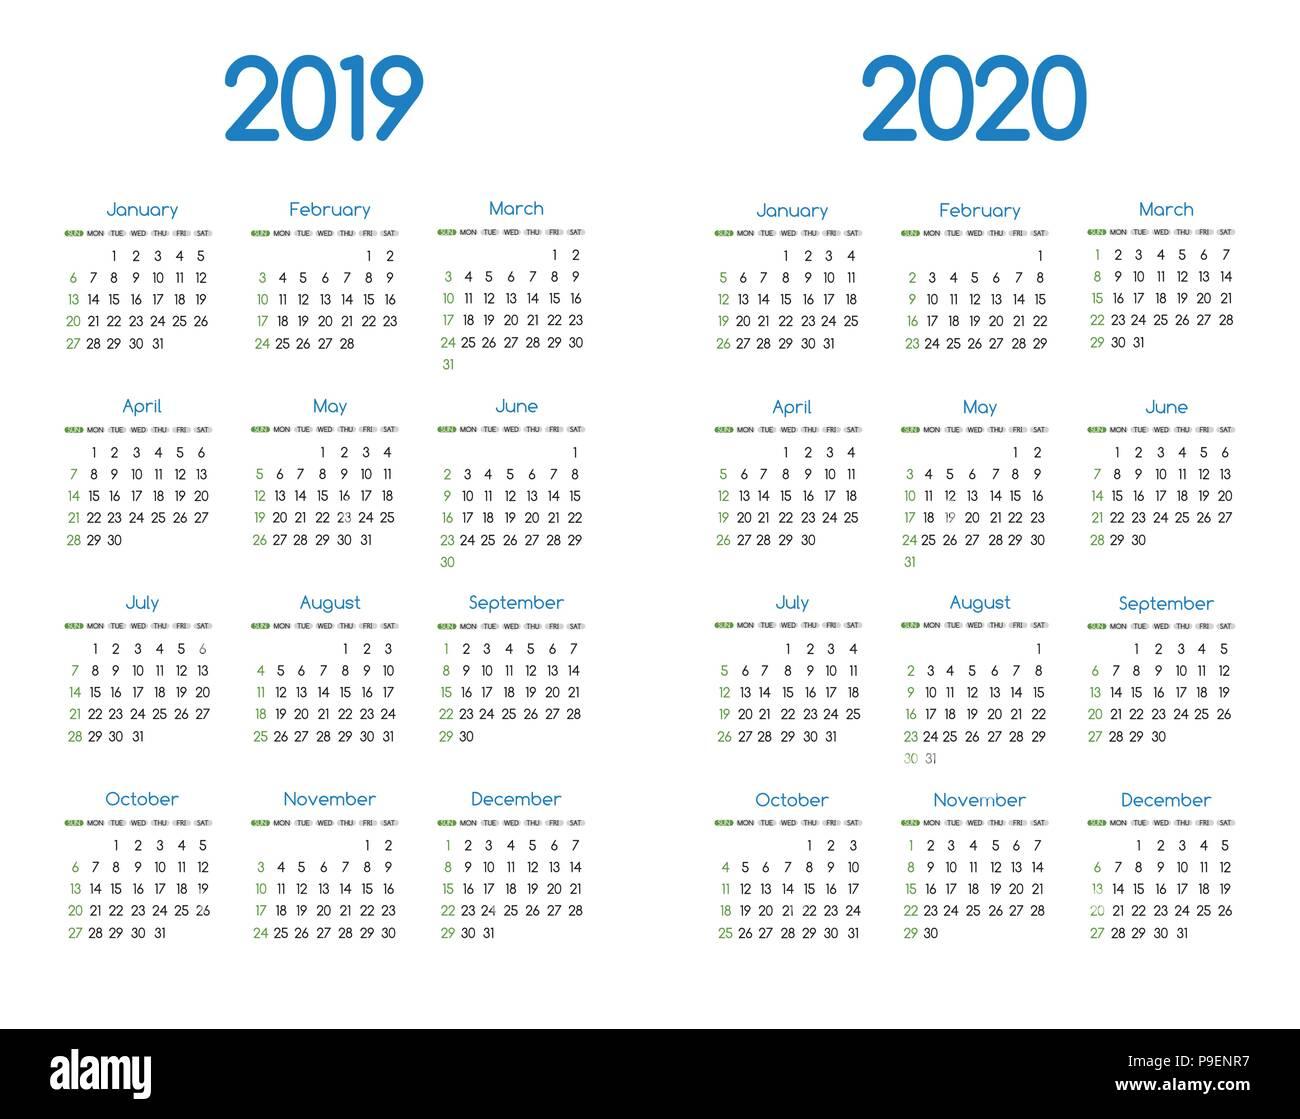 Calendario Anual 2020 Para Imprimir.Calendar 2020 Imagenes De Stock Calendar 2020 Fotos De Stock Alamy